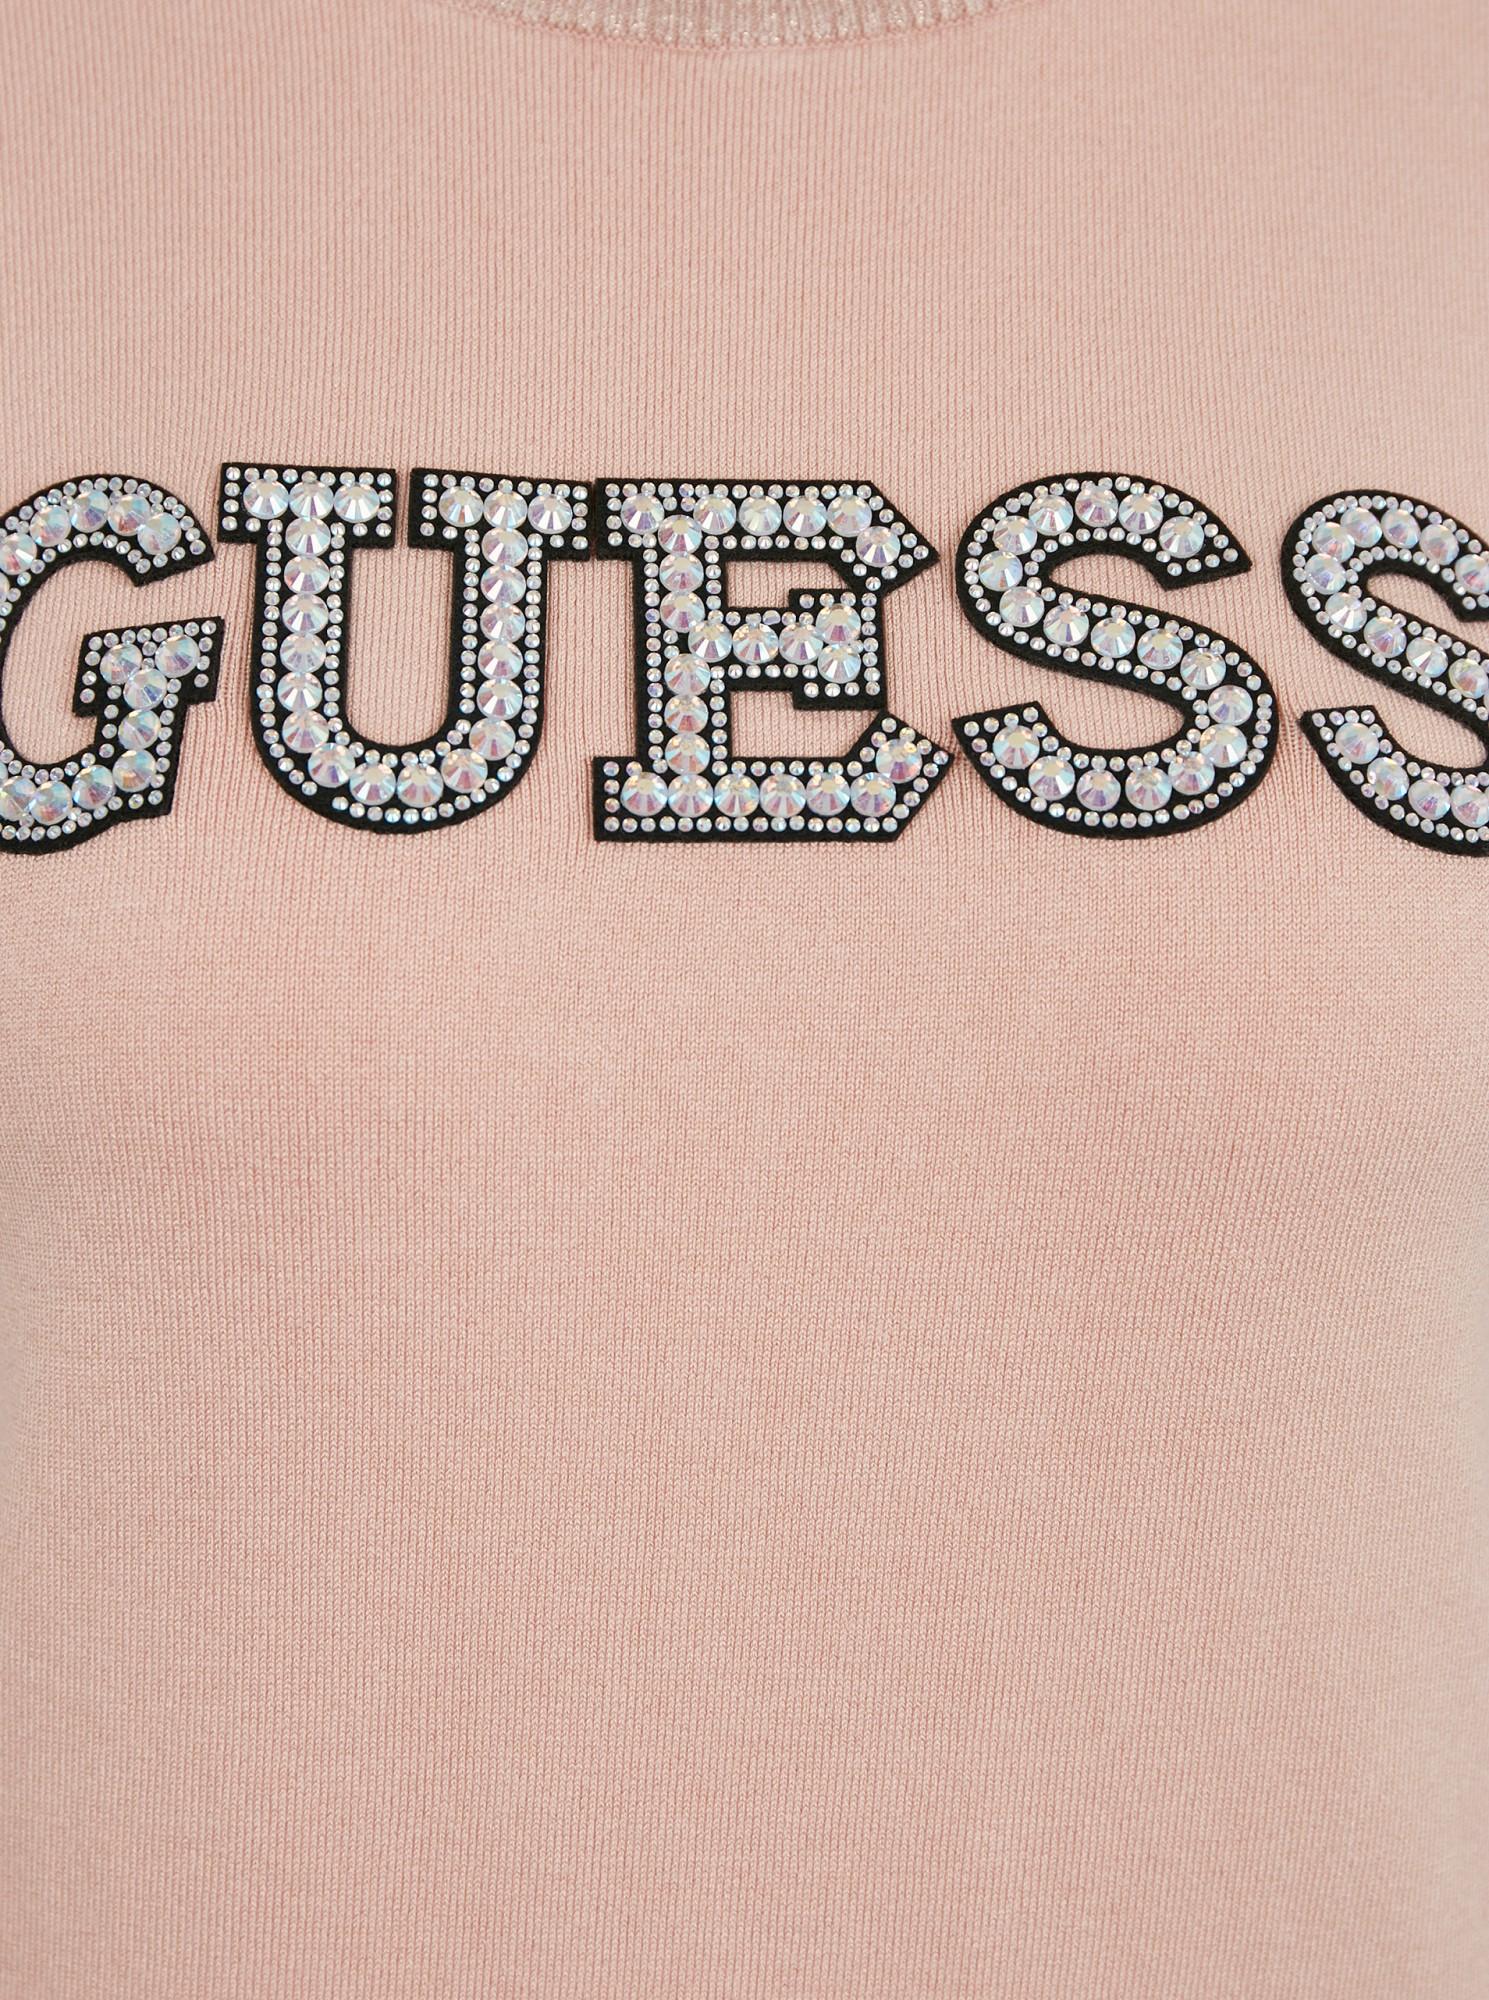 Guess cipria maglietta Guess Clarisse